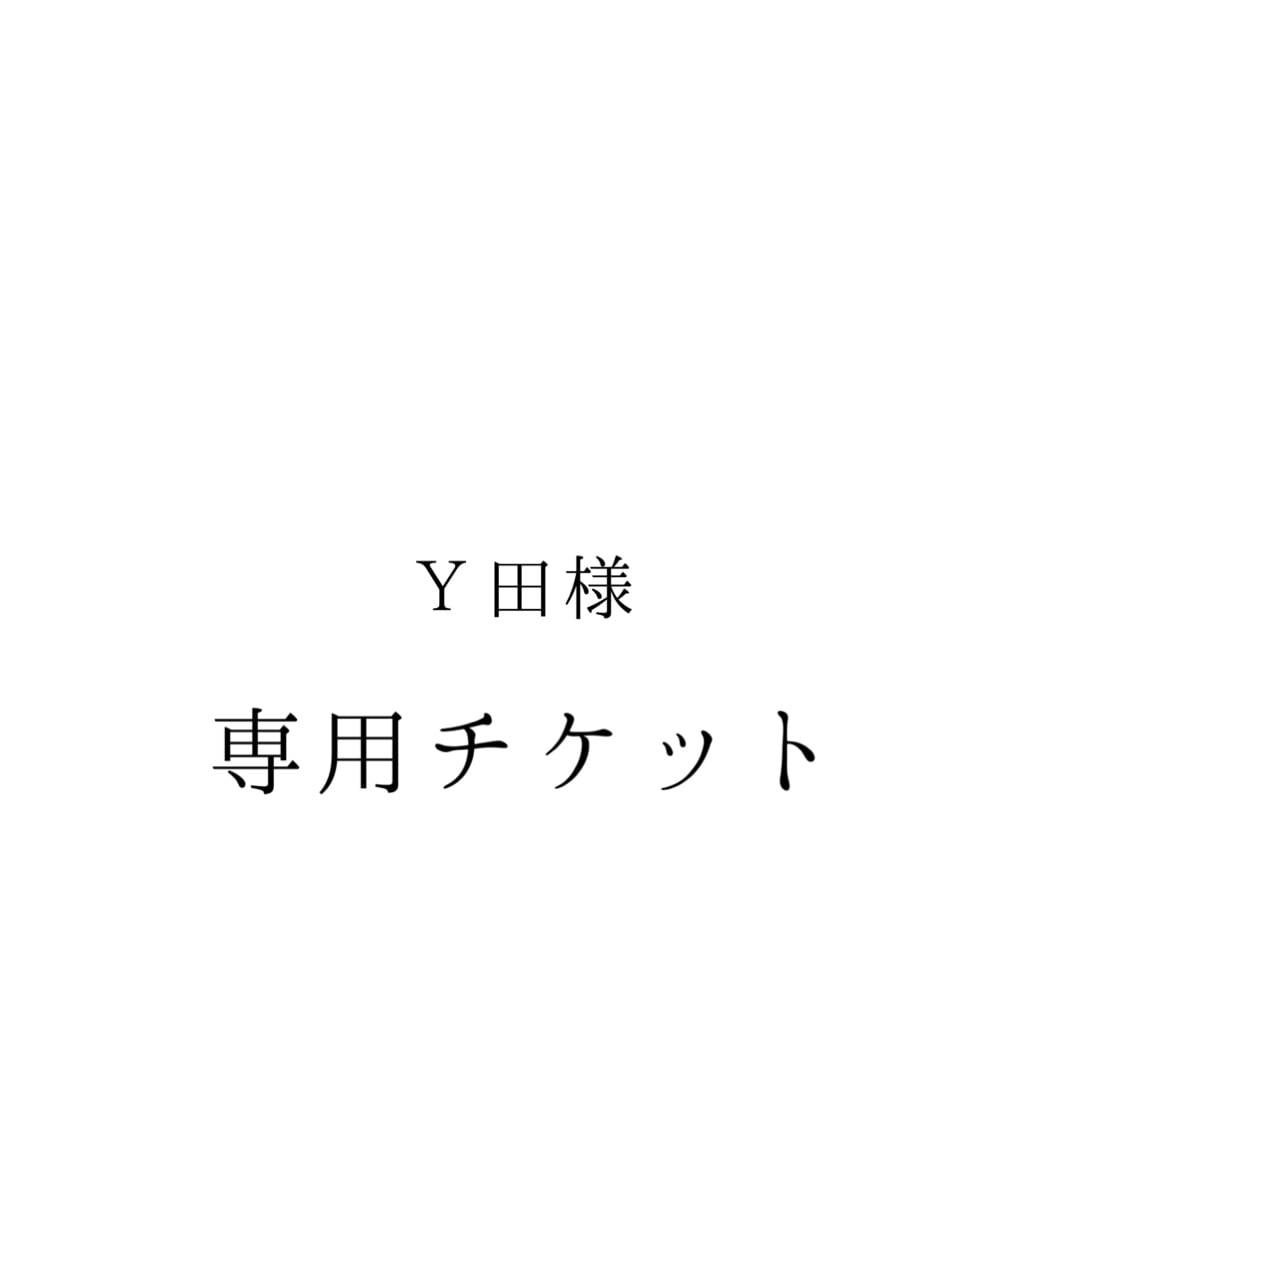 Y田様専用チケットのイメージその1